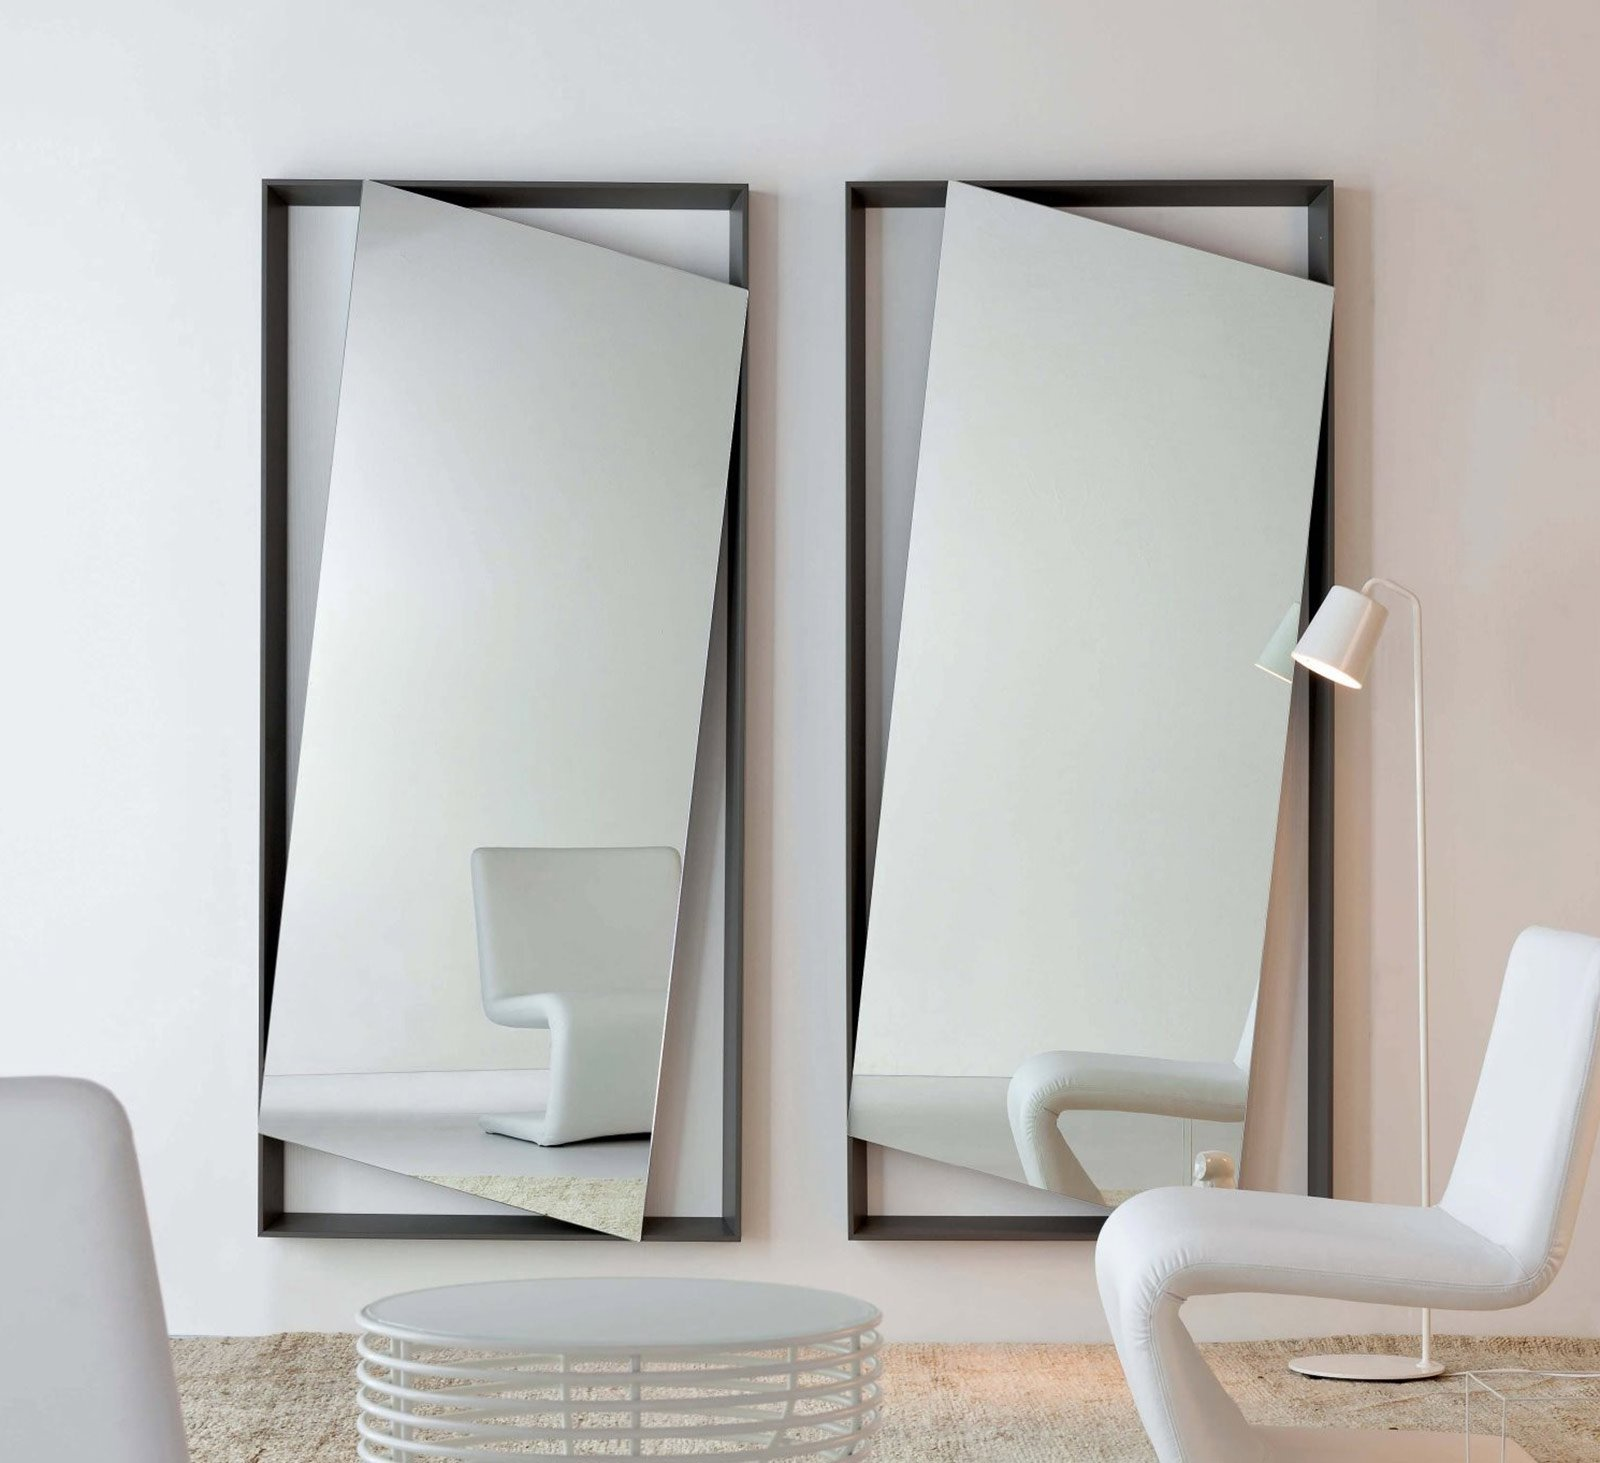 Specchi questione di riflessi cose di casa - Specchi per allodole ...